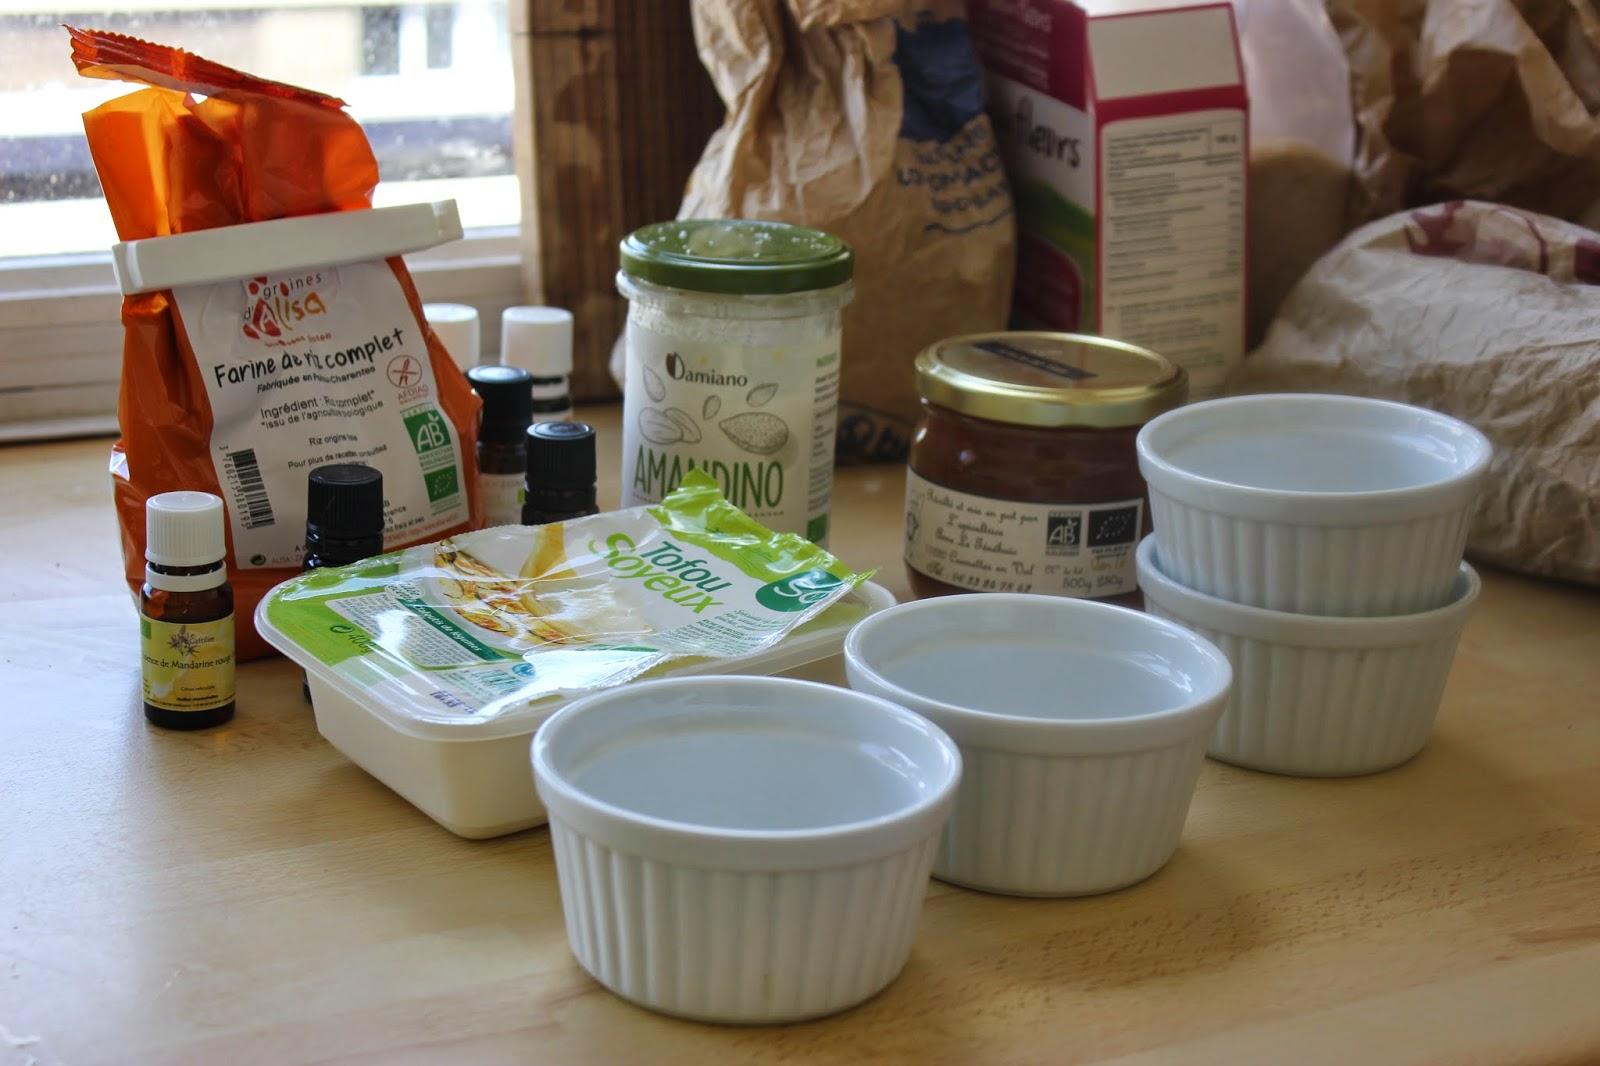 Cuill re et saladier des huiles essentielles en cuisine - Huile essentielle cuisine ...